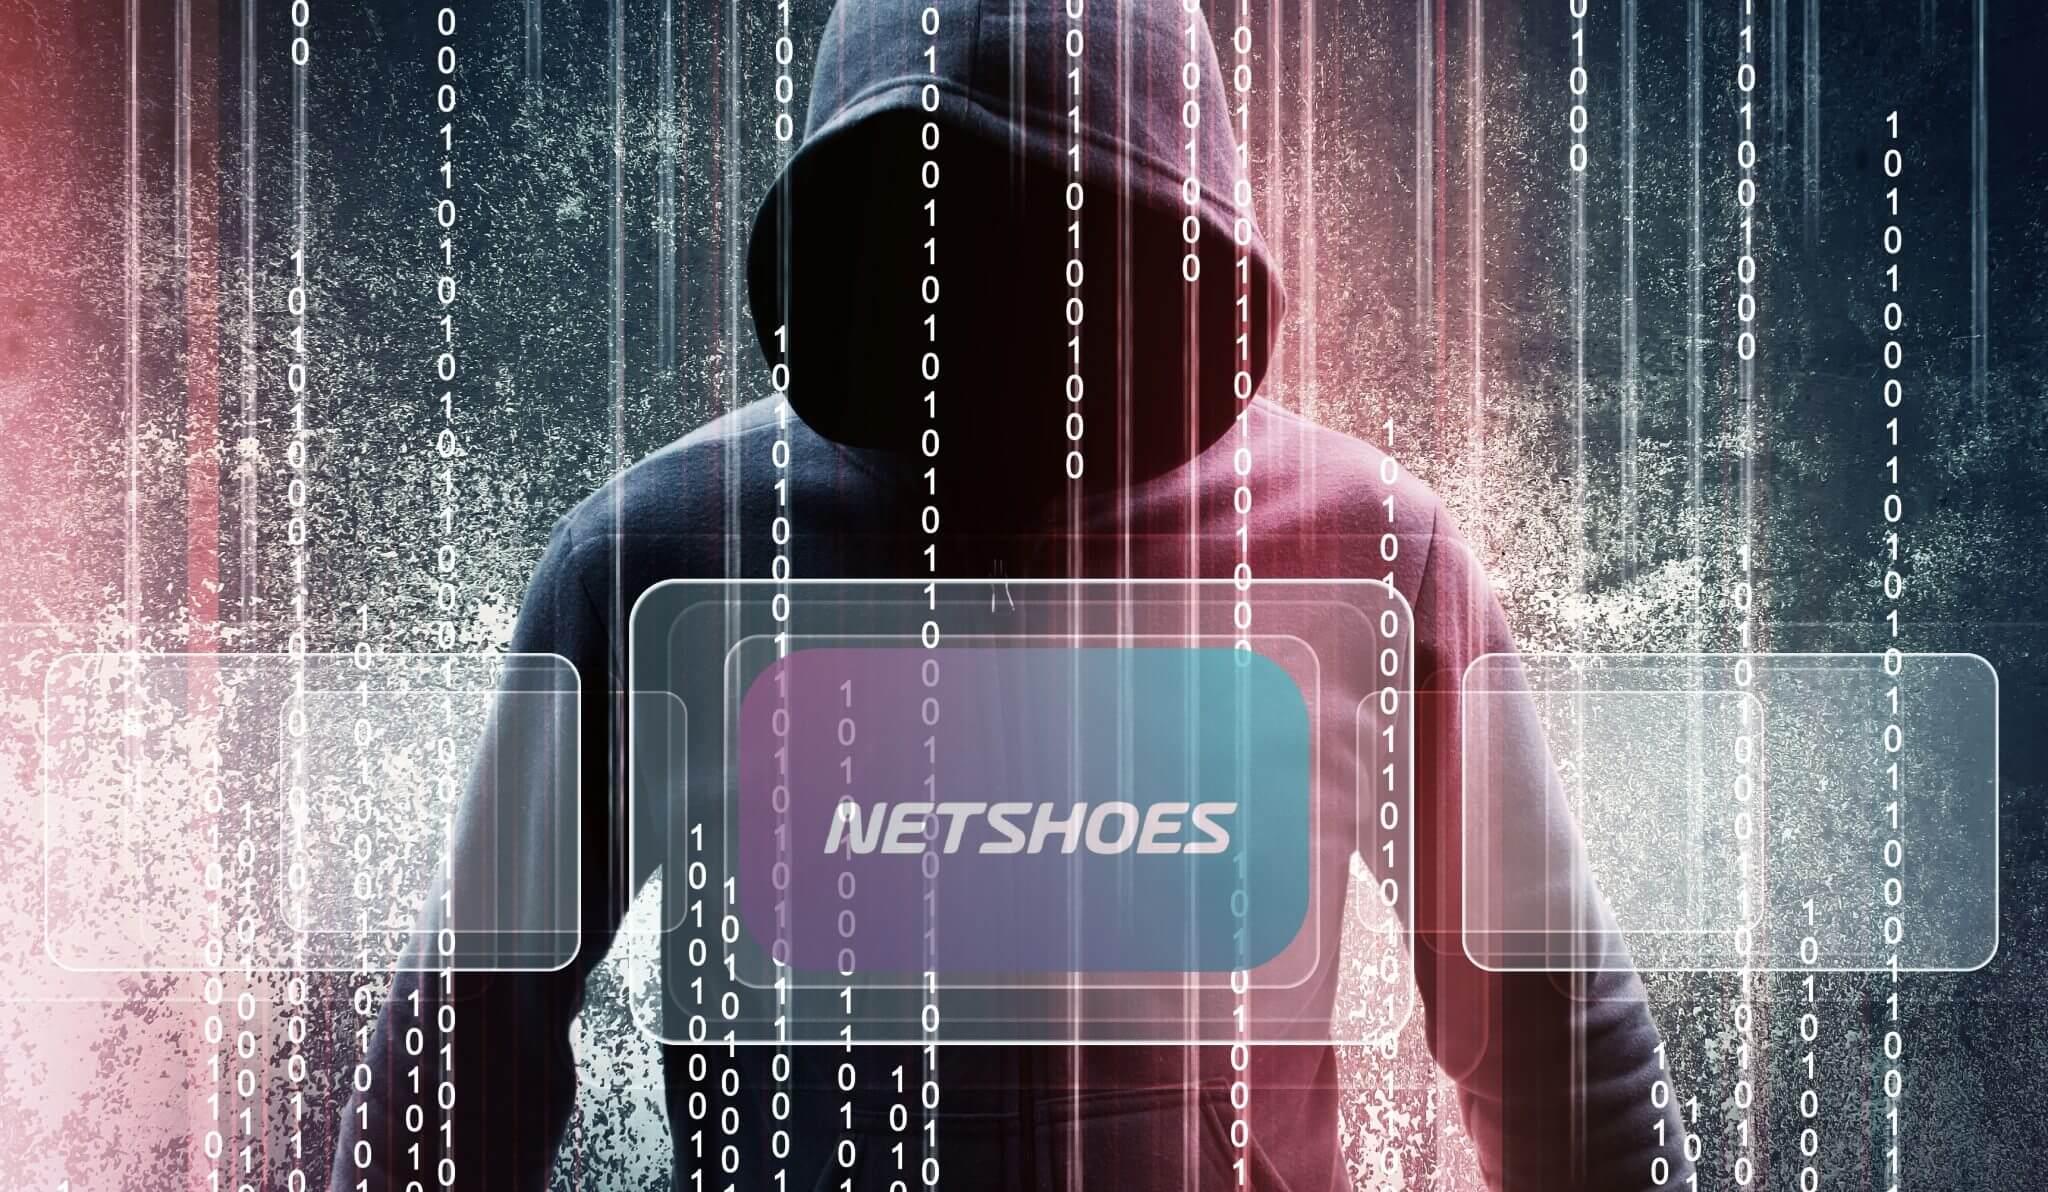 shutterstock 557691514 - Netshoes tem site invadido e dados de 500 mil clientes são divulgados